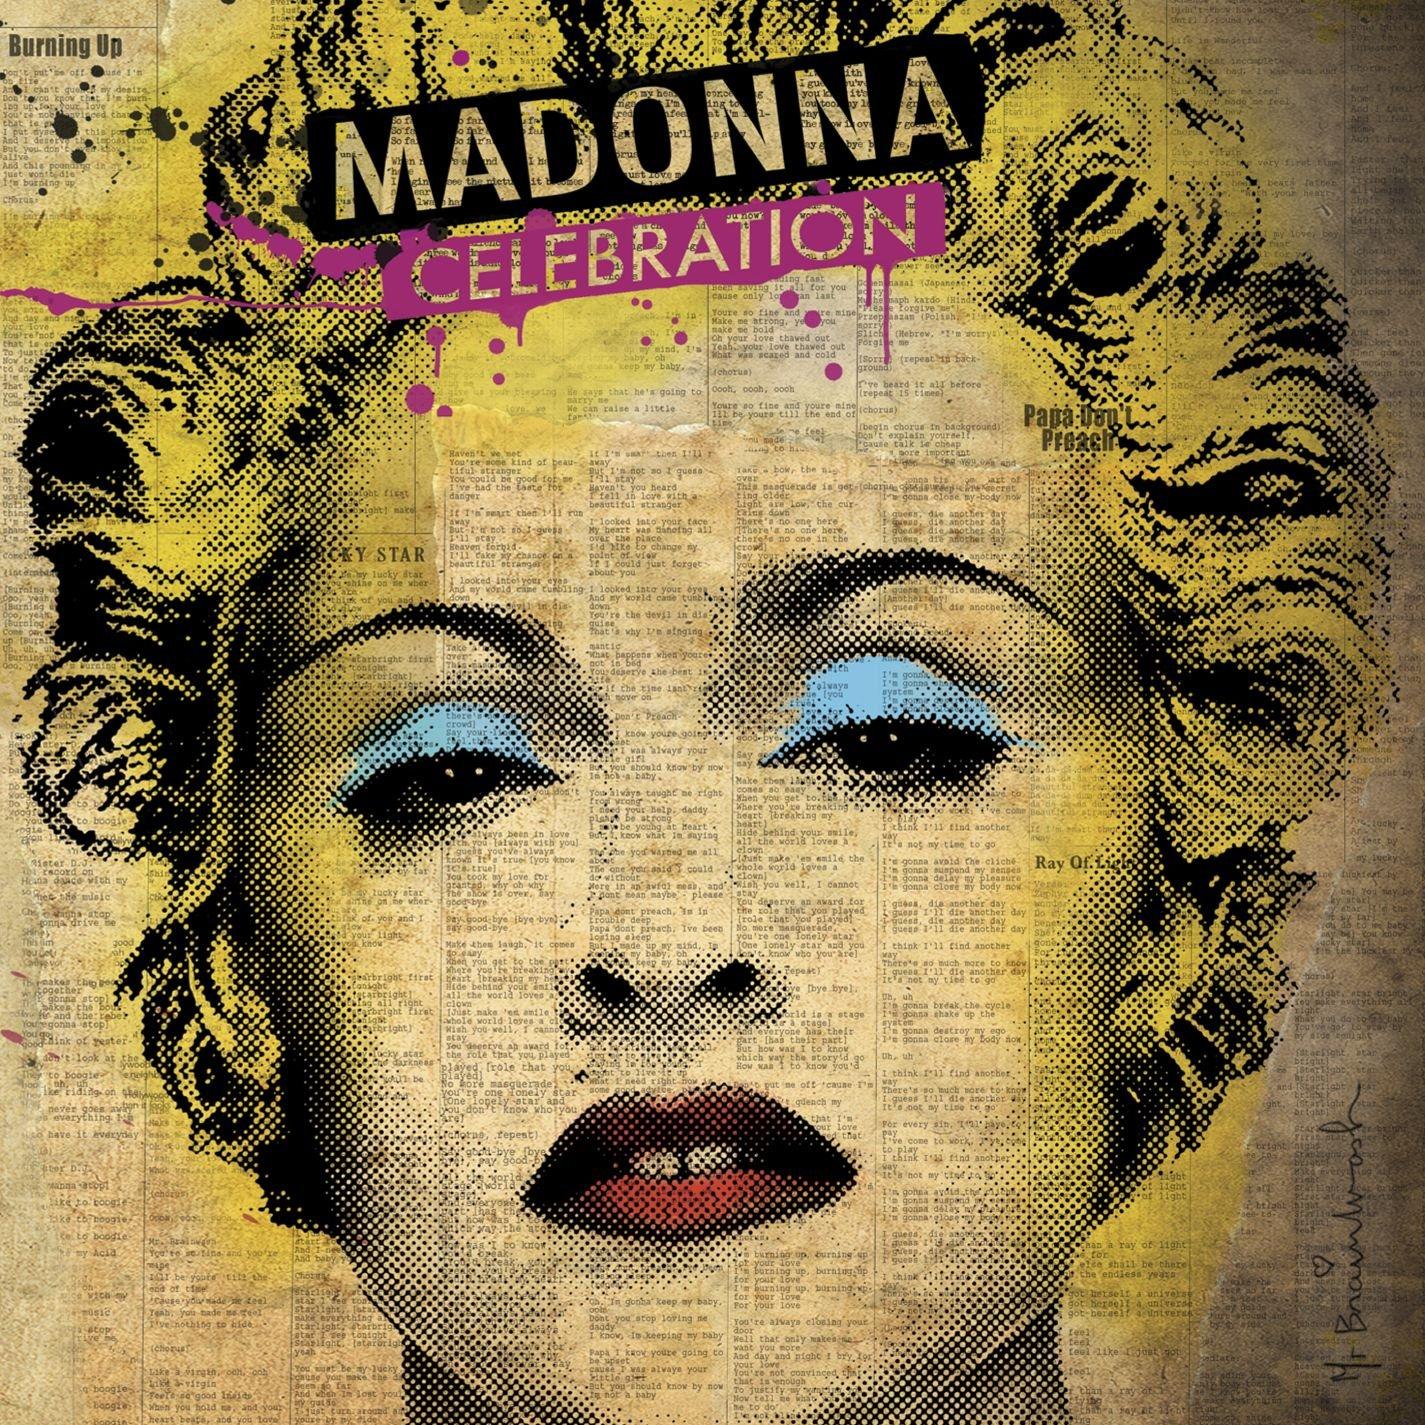 Celebration : Madonna: Amazon.es: CDs y vinilos}